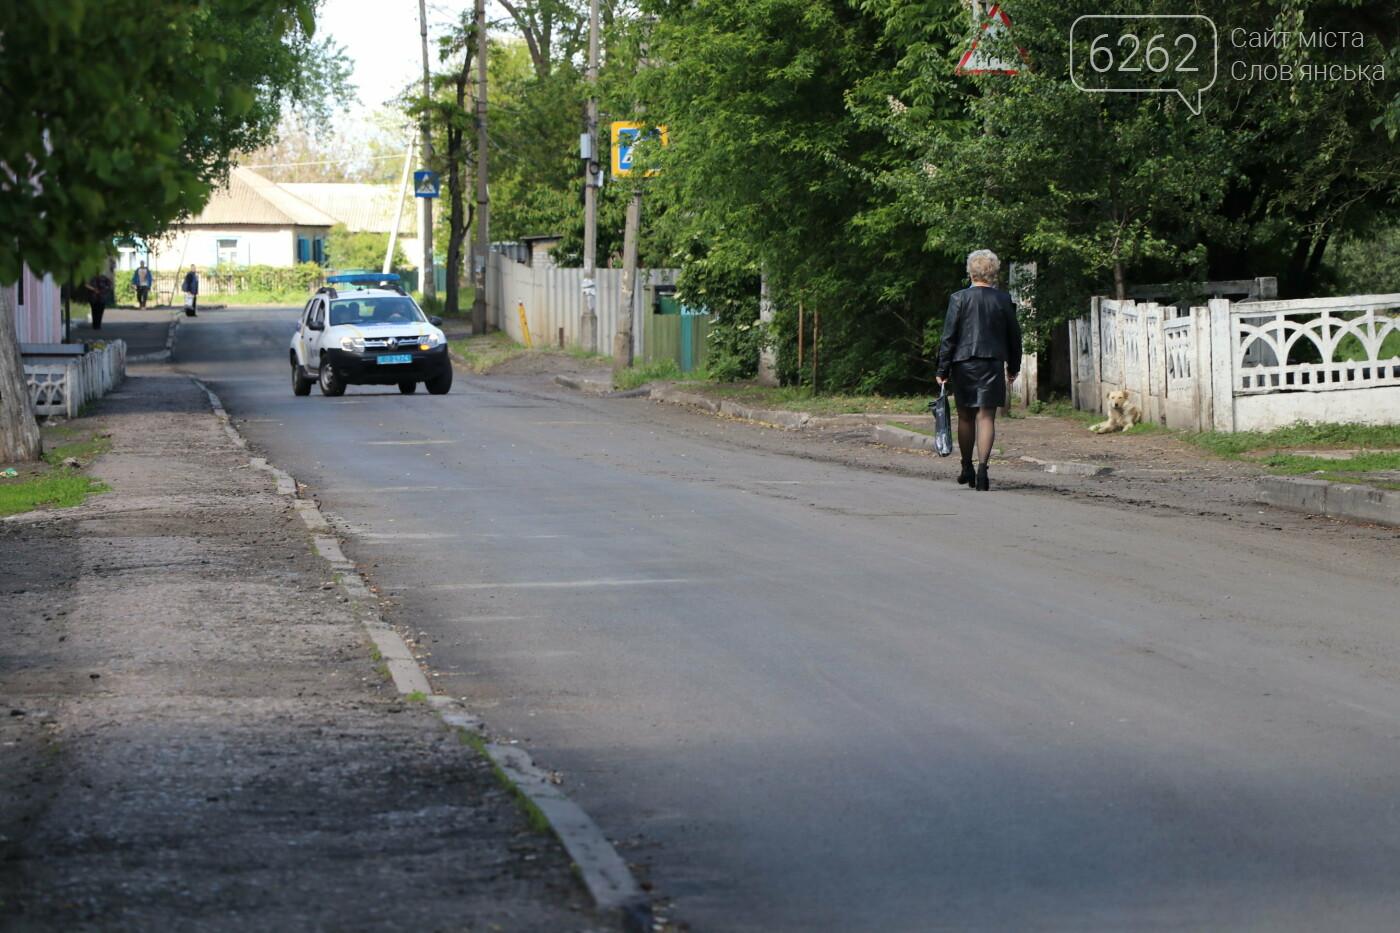 Майже 1,5 км нової дороги з'явилось у мікрорайоні Залізничному-2  , фото-1